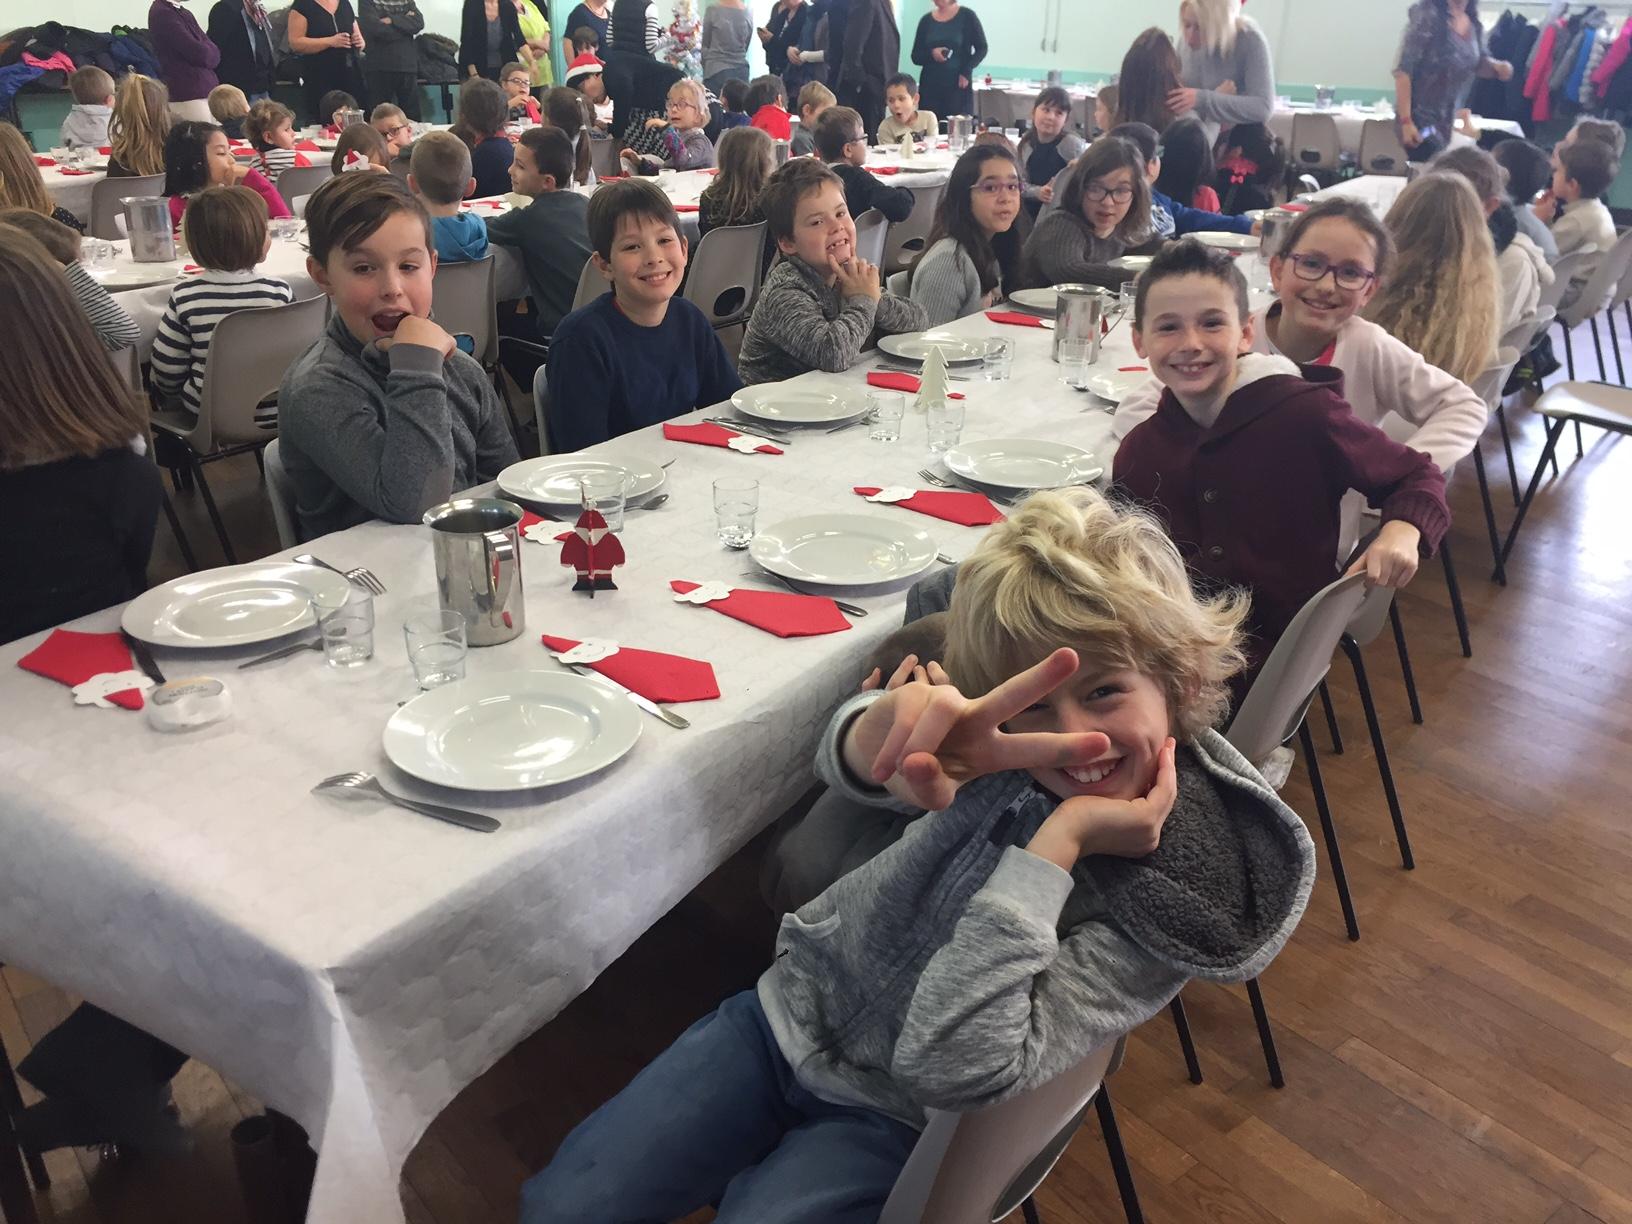 Le self service c 39 est le repas bonheur pour les enfants - Repas de noel enfant ...